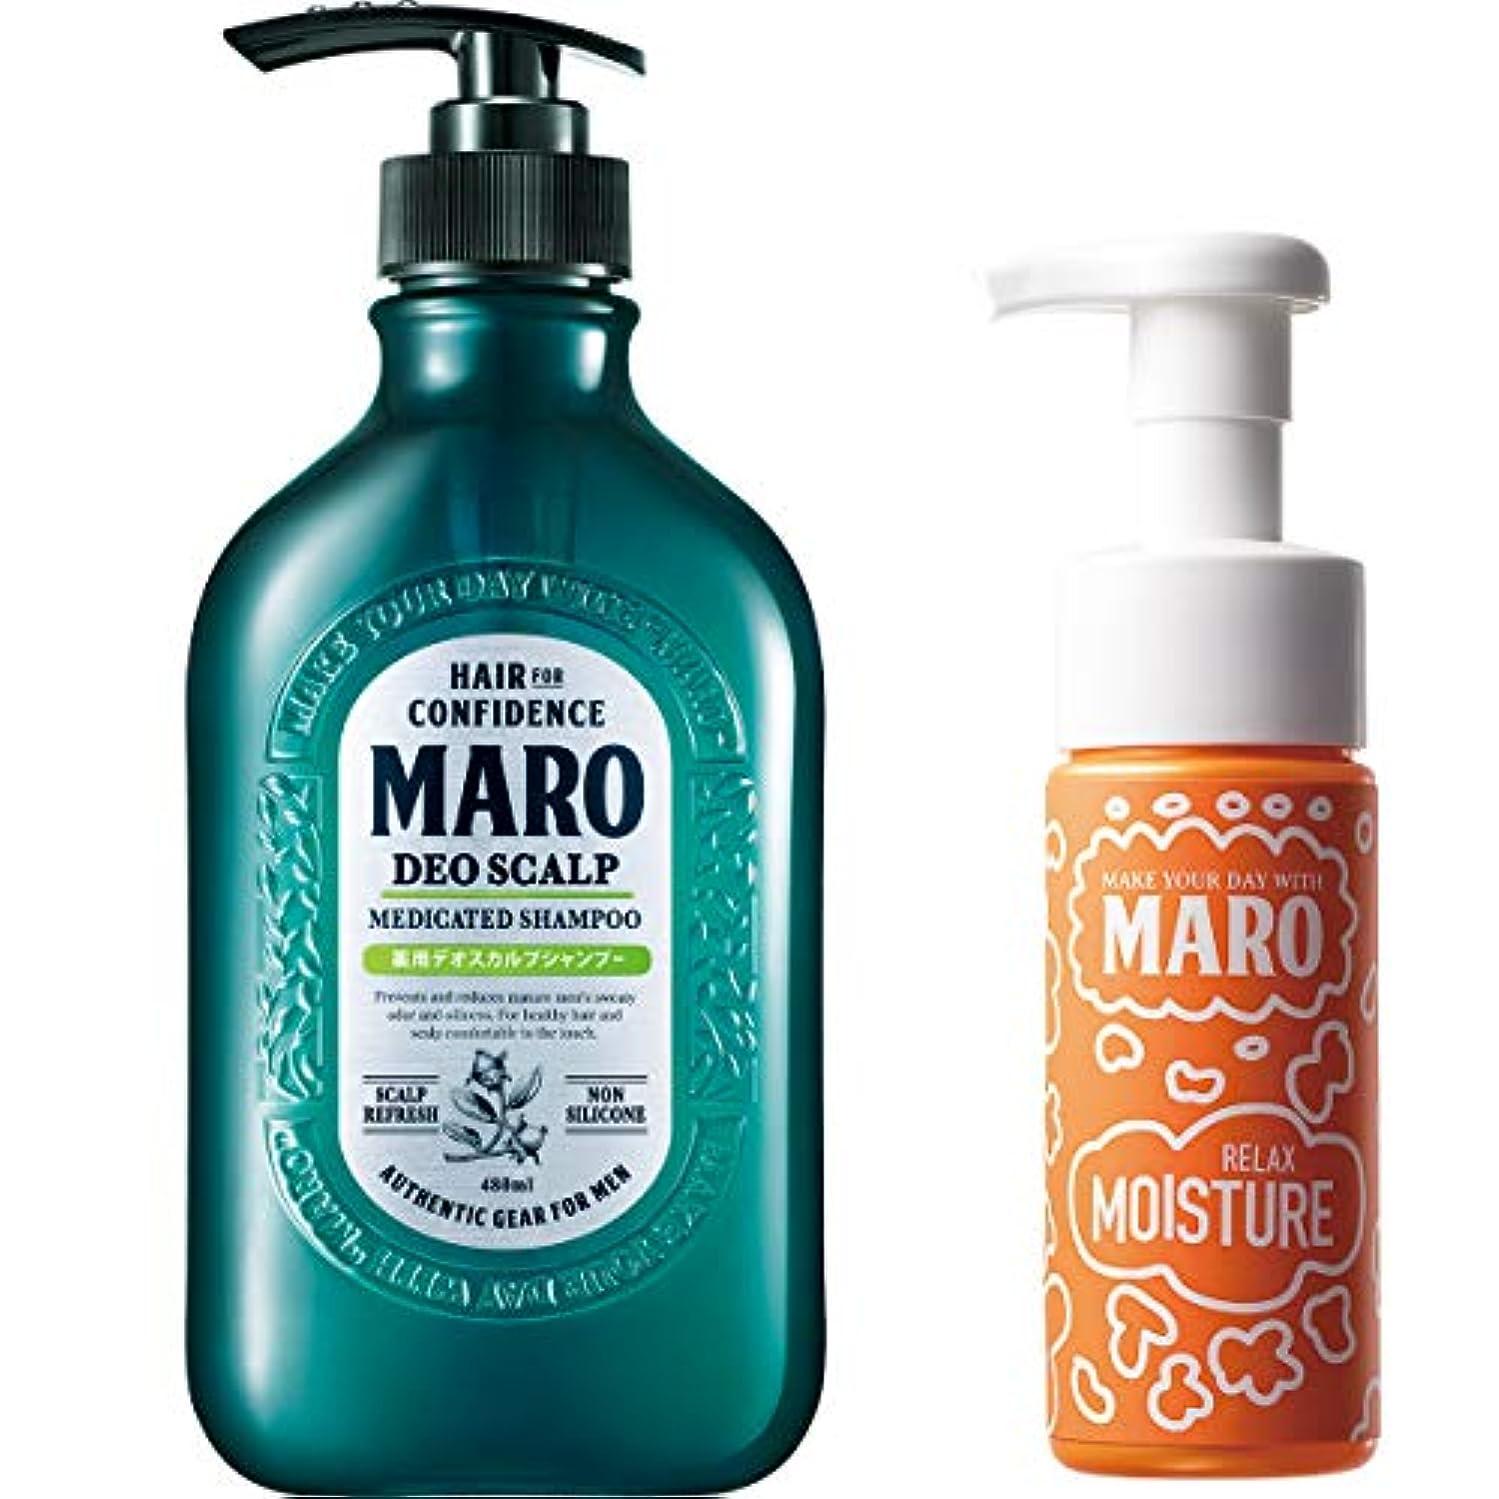 オーチャード言い訳に勝るMARO(マーロ) 薬用デオスカルプシャンプー 泡洗顔付き セット 480ml+150ml